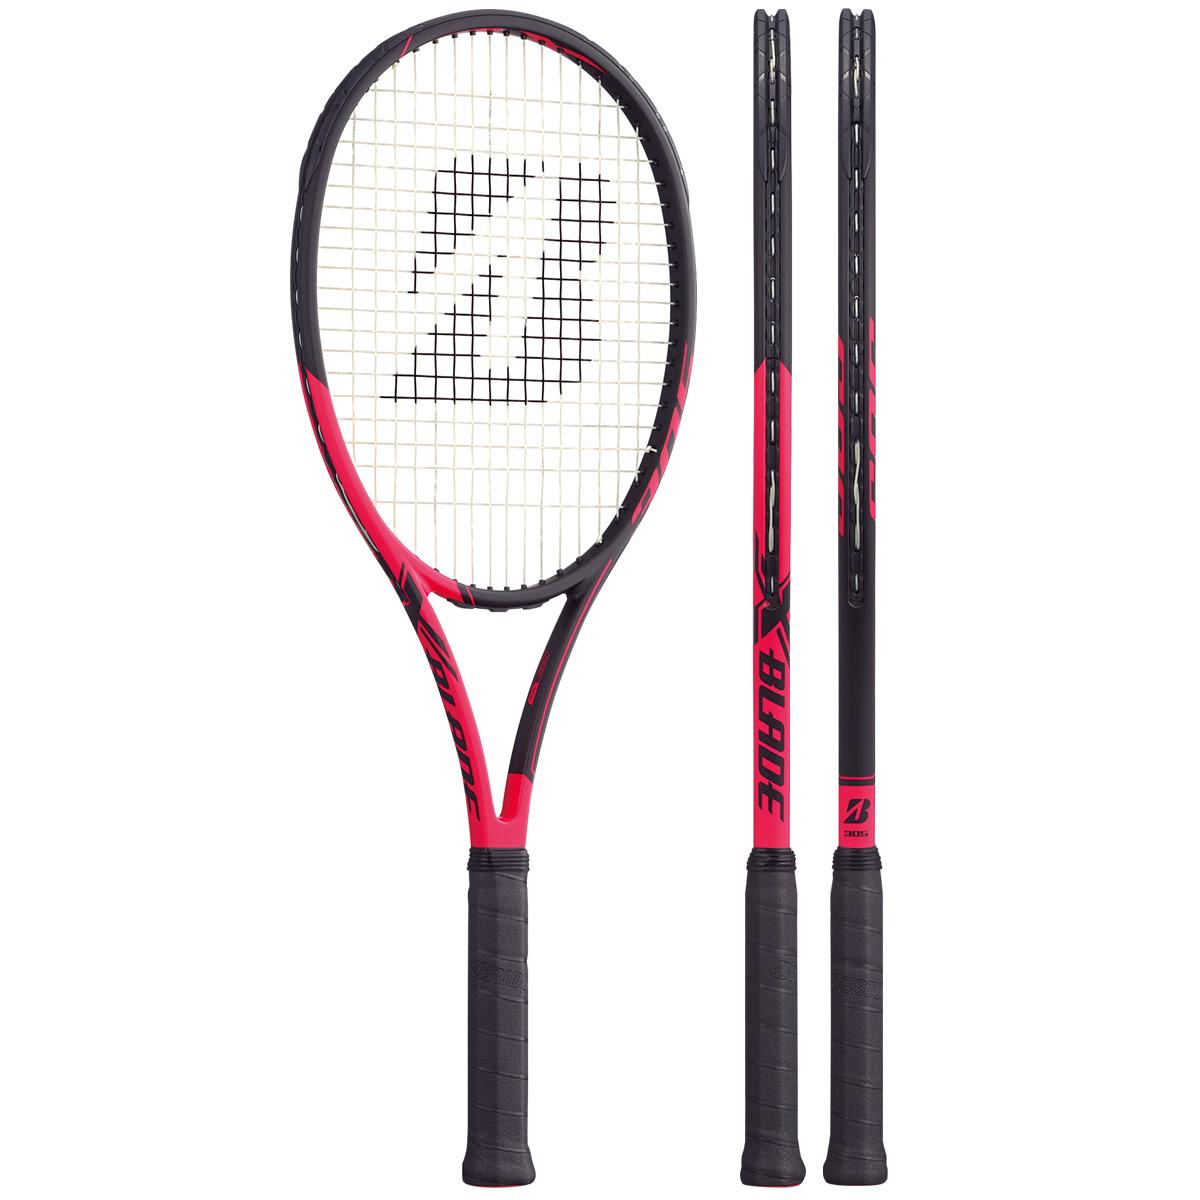 【全品10%OFFクーポン対象】ブリヂストン 305 BRIDGESTONE BRABX1 硬式テニスラケット X-BLADE BX BX 305 エックスブレード ビーエックス 305 BRABX1【サコッシュプレゼント】, 高千穂町:20152202 --- sunward.msk.ru